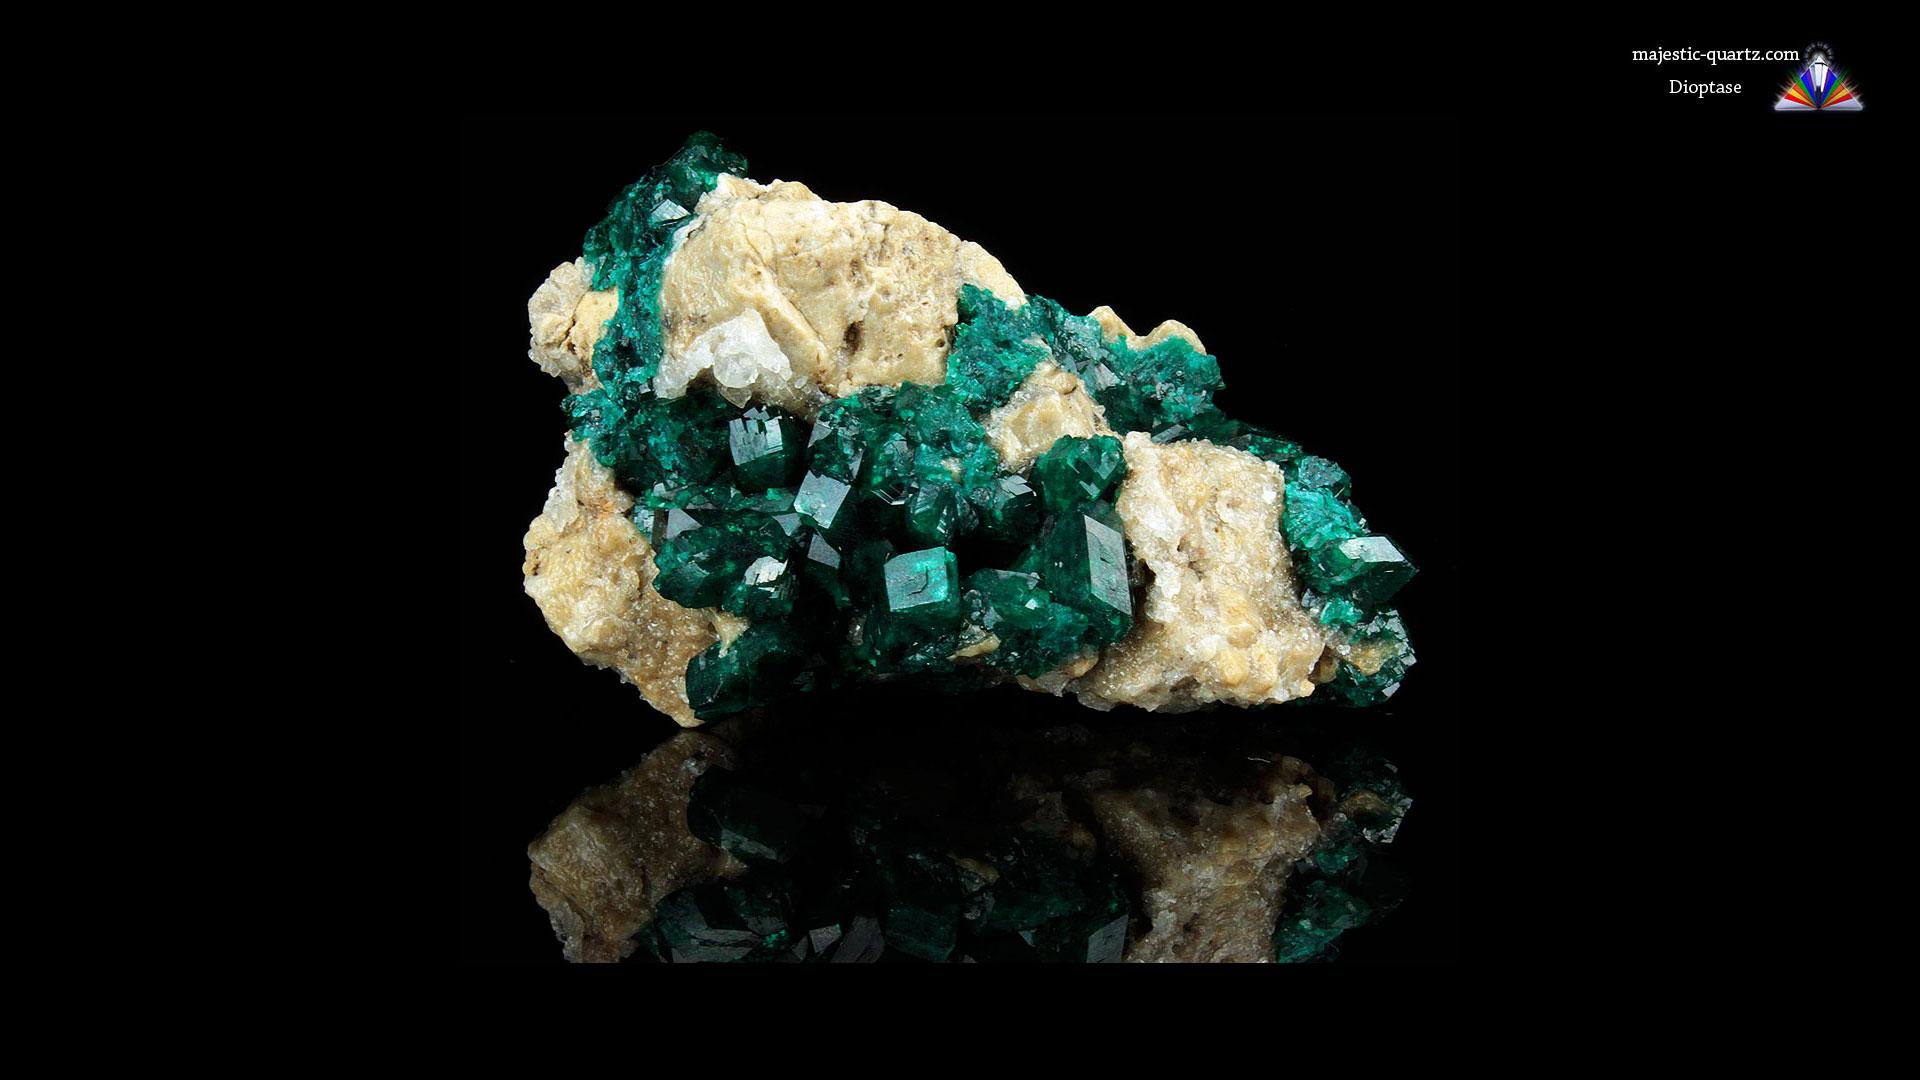 Dioptase Crystal Specimen - Mineral Specimen